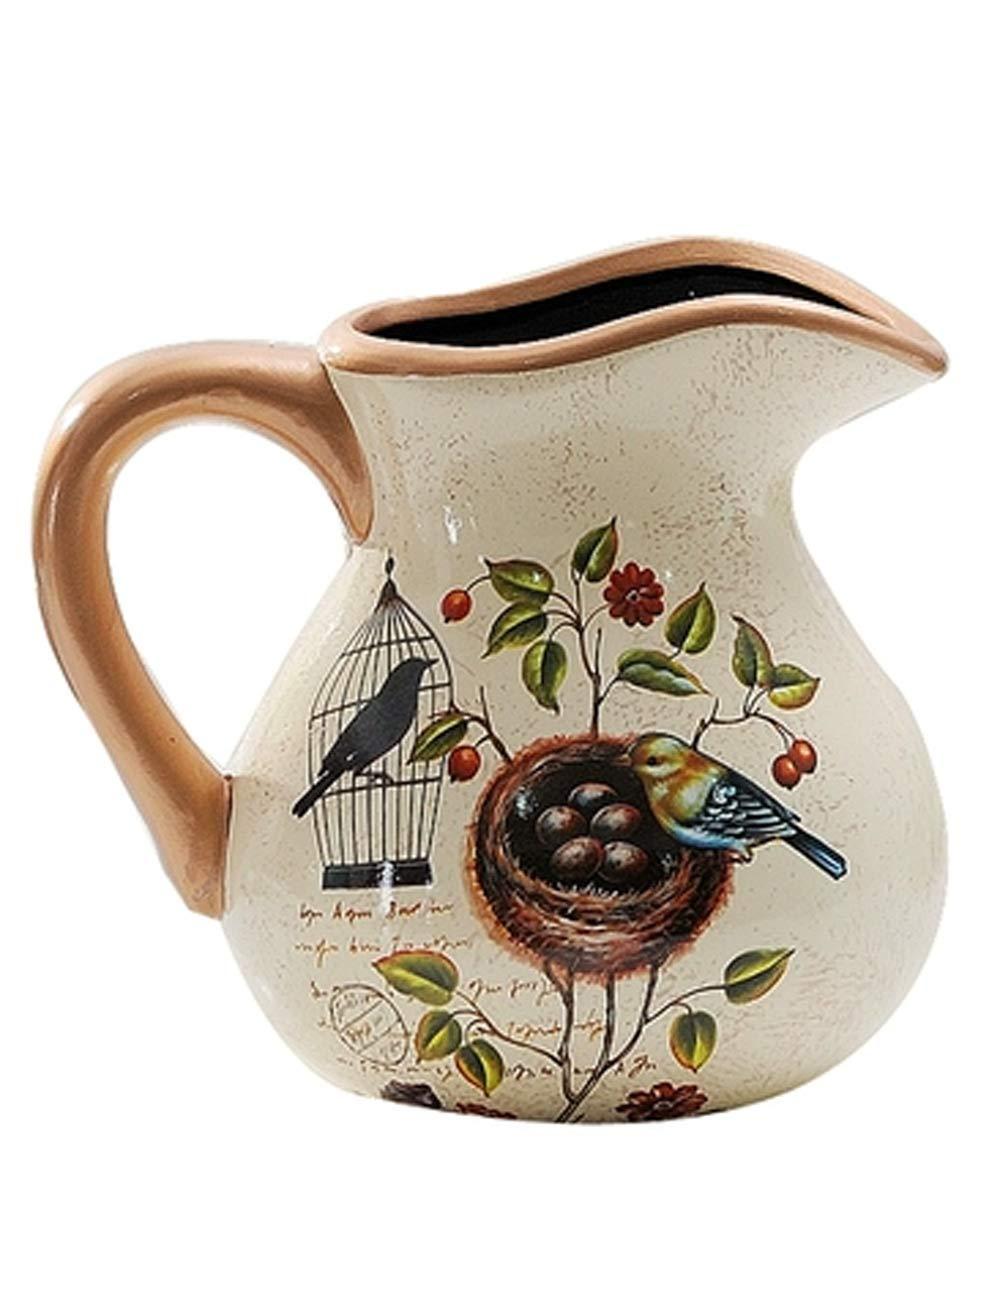 装飾品、セラミック材料のアートワーク、ヨーロッパスタイルのレトロ装飾、クリエイティブな花瓶の工芸品 (色 : ベージュ)  ベージュ B07JZMFZX5